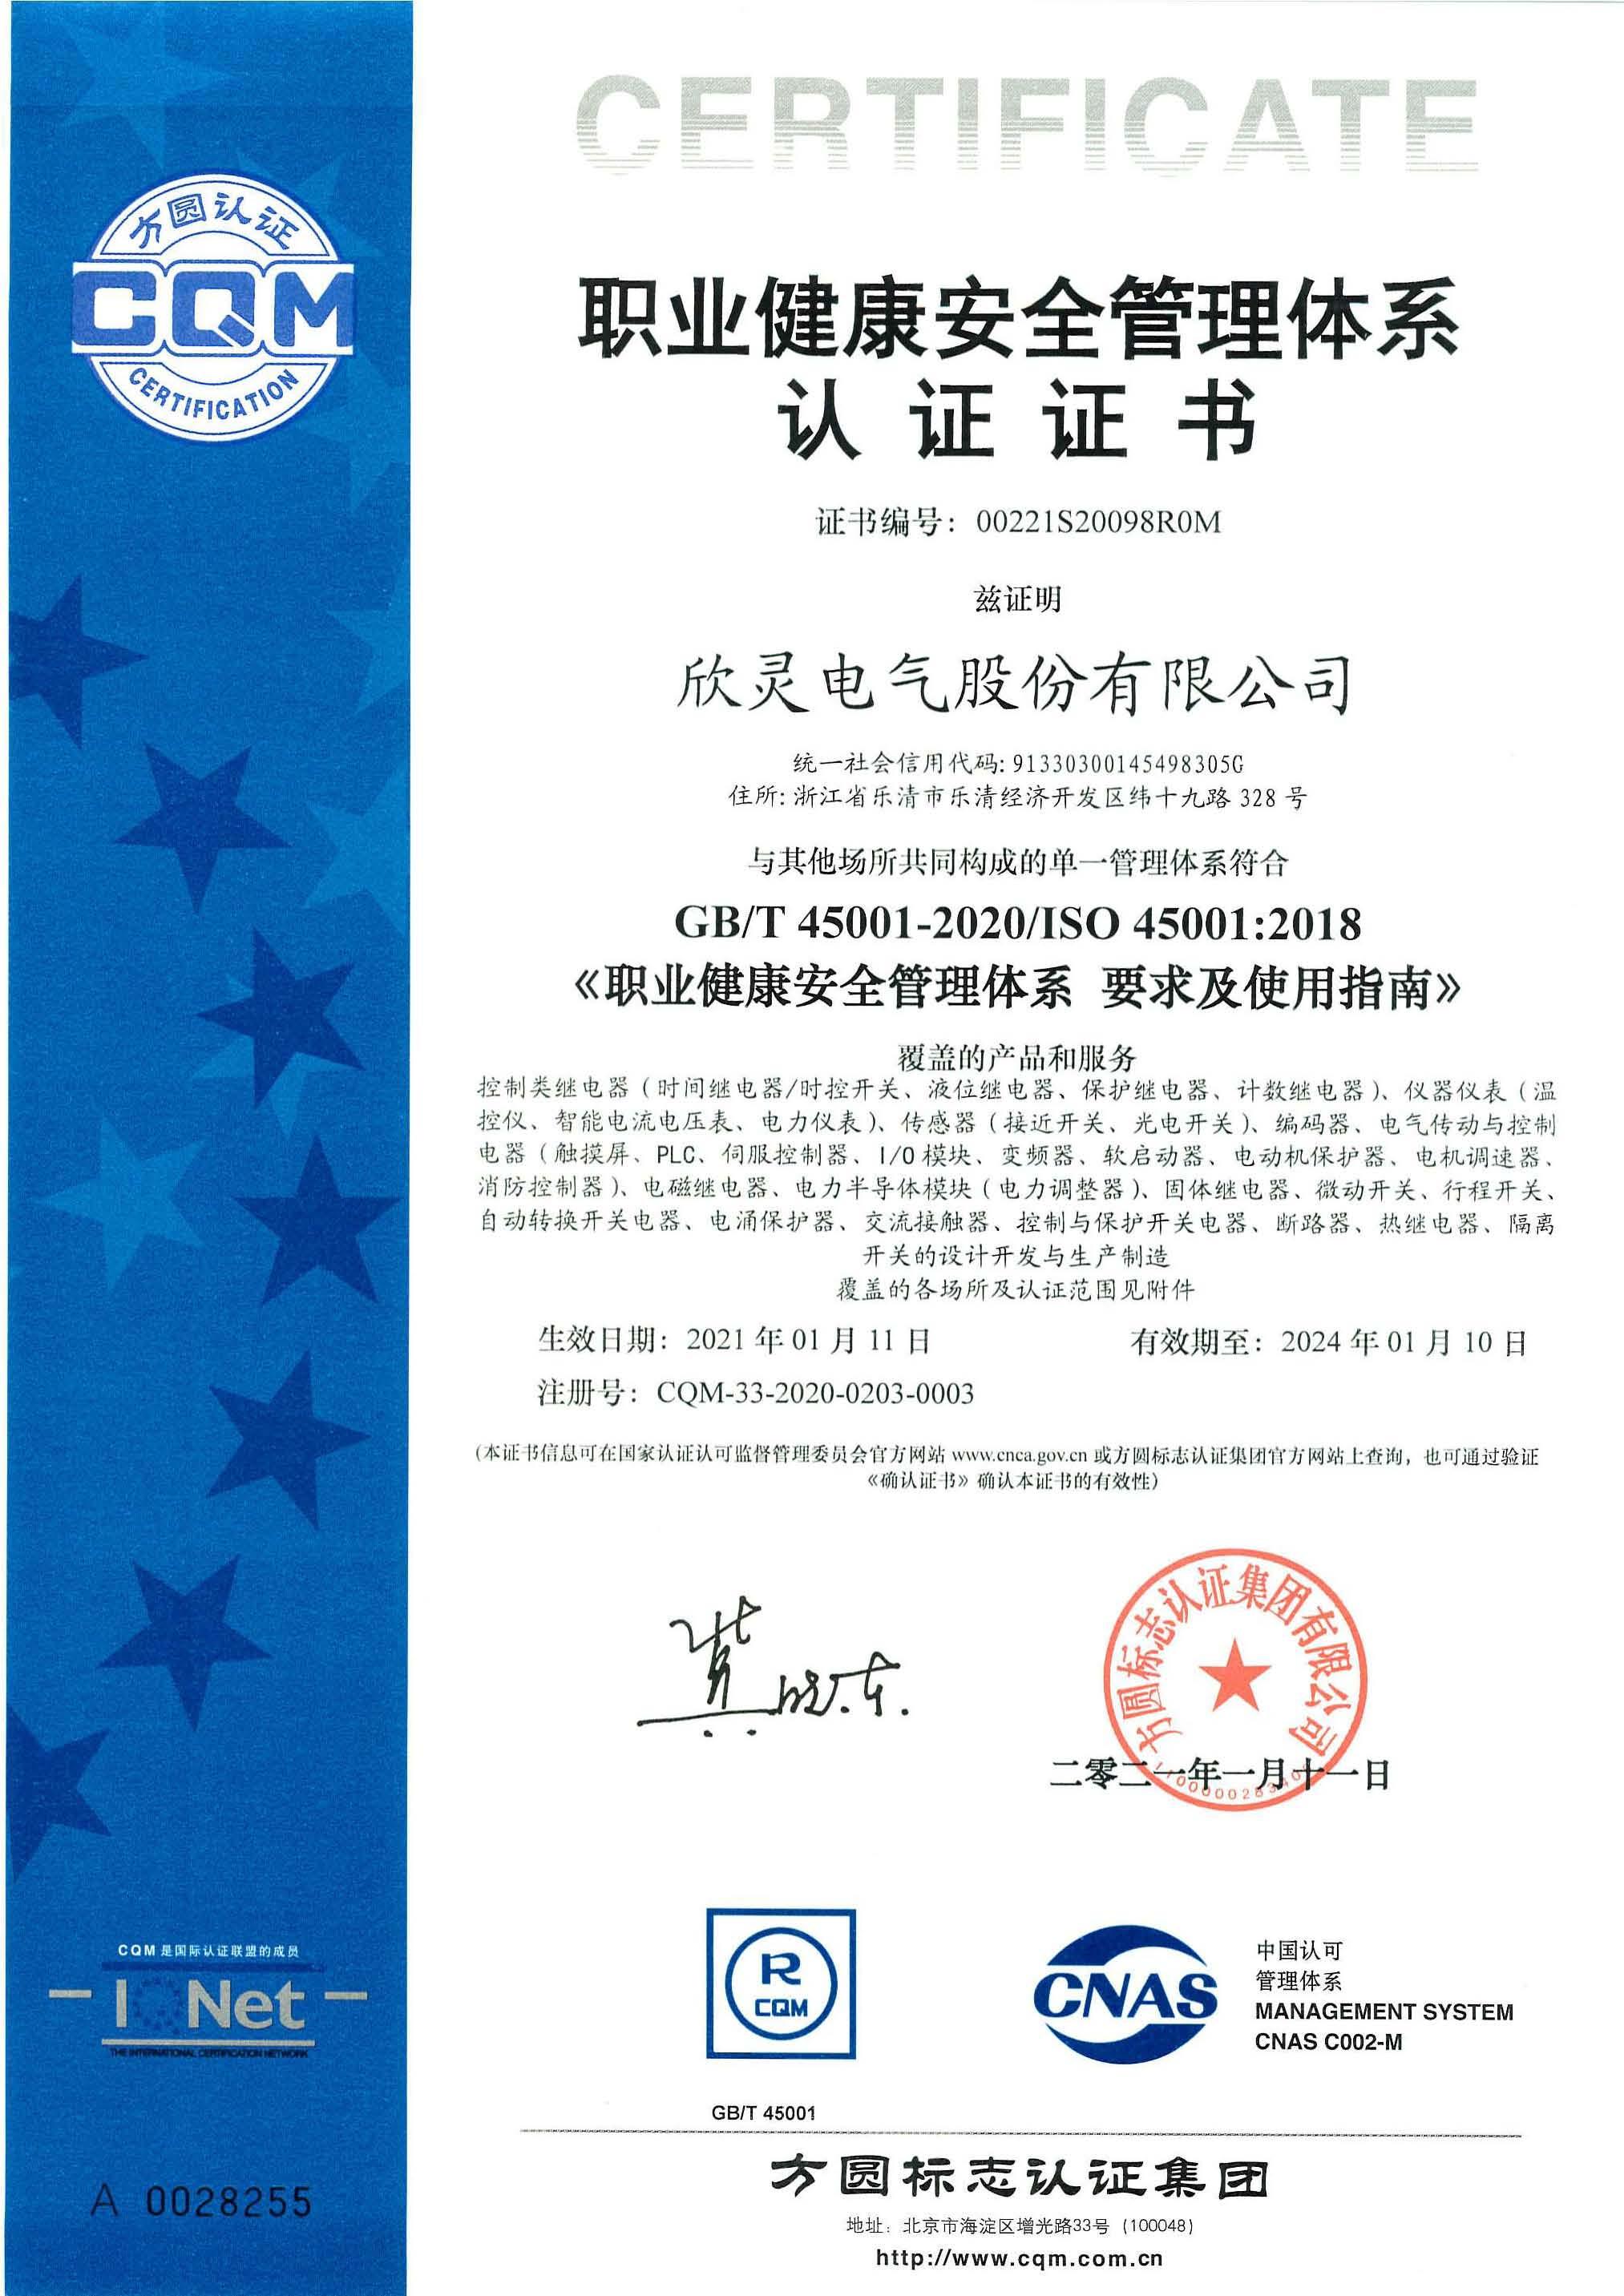 职业健康安全管理体系认证证书_欣灵